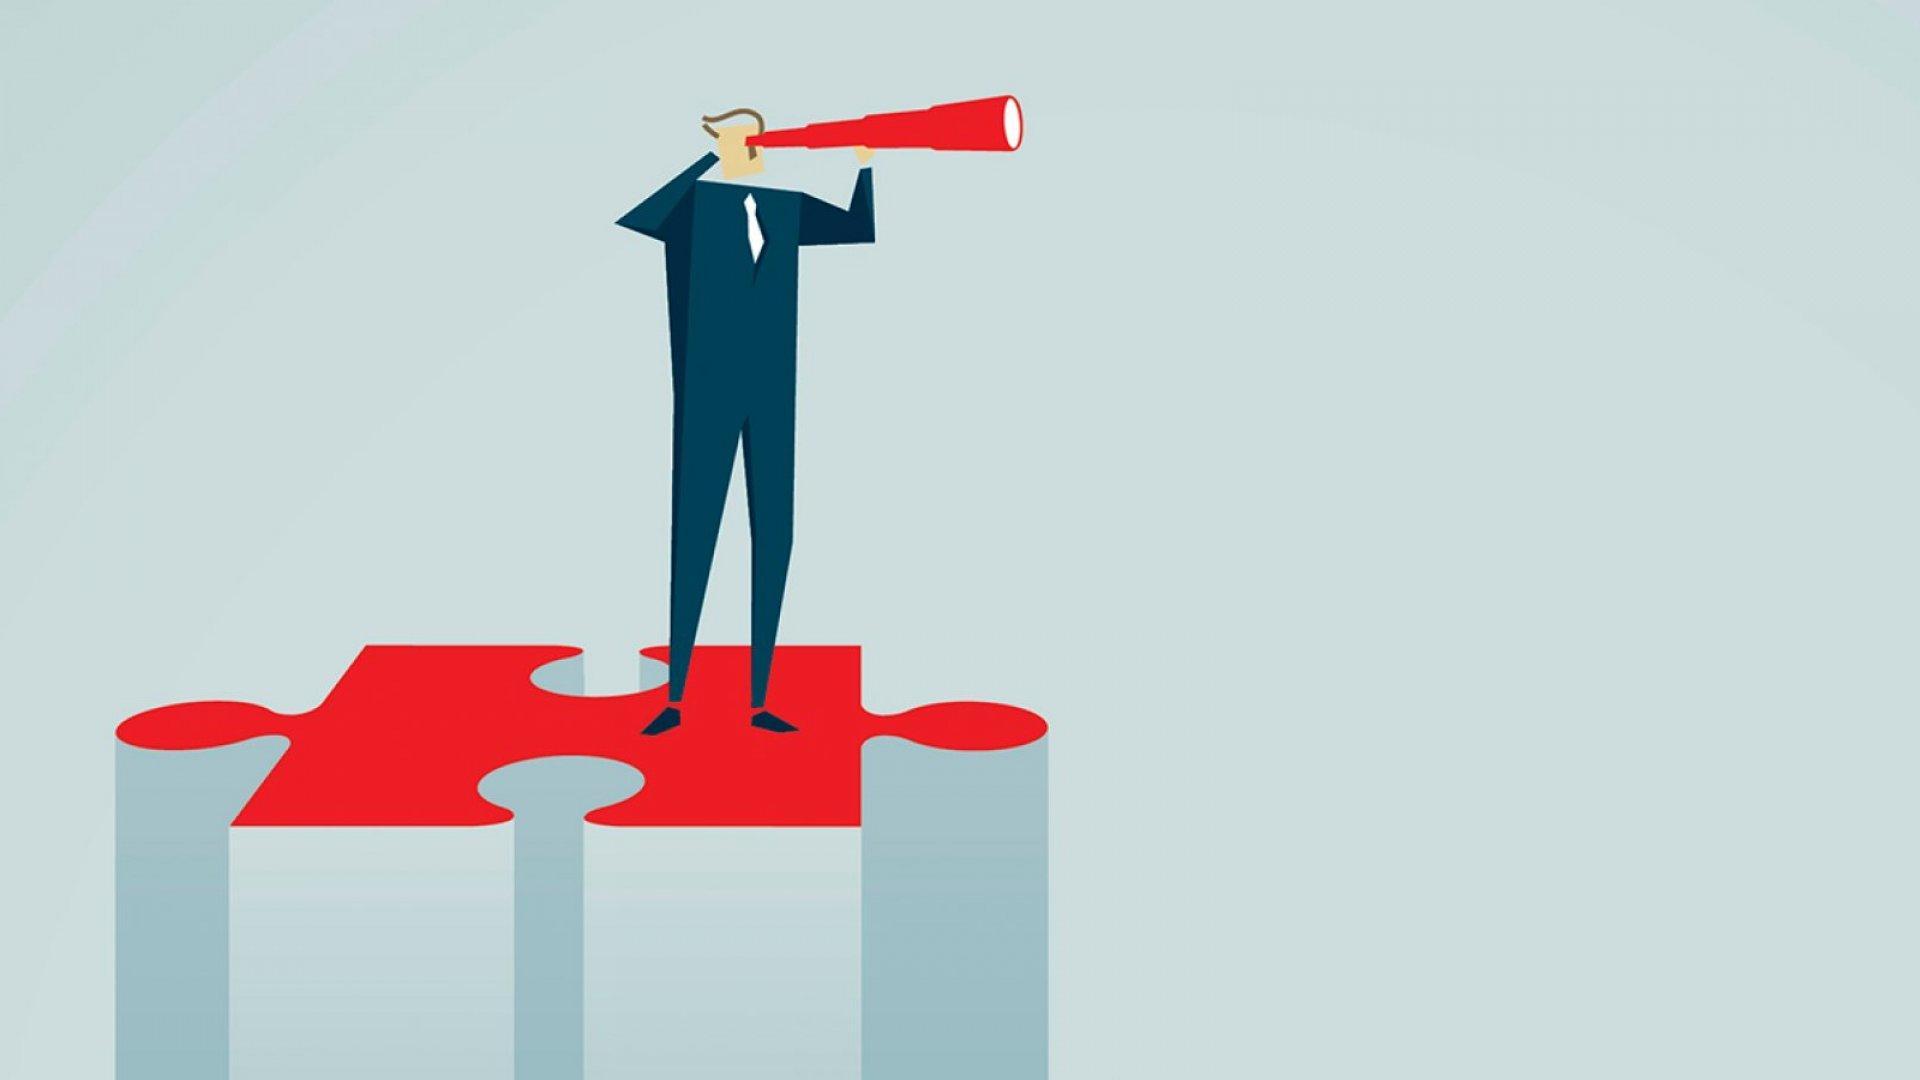 أسرار القيادة في الشركات الناجحة وغير المعروفة عالميًا - عقلية قادة الأبطال الخفيين - أسرار أهم شركات التصدير الألمانية - أسرار المدراء